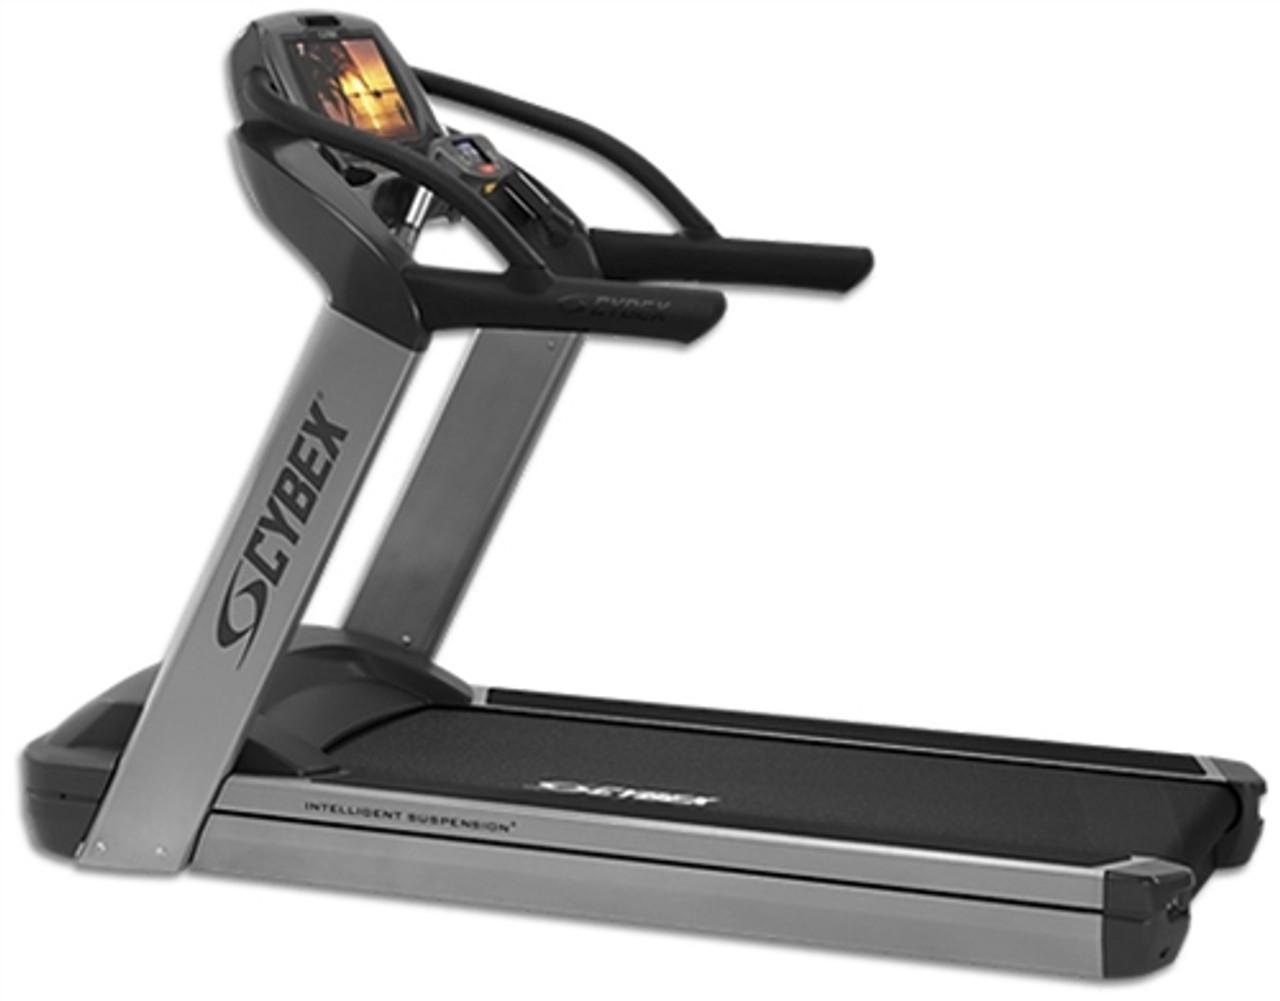 Cybex 770T E3 Treadmill